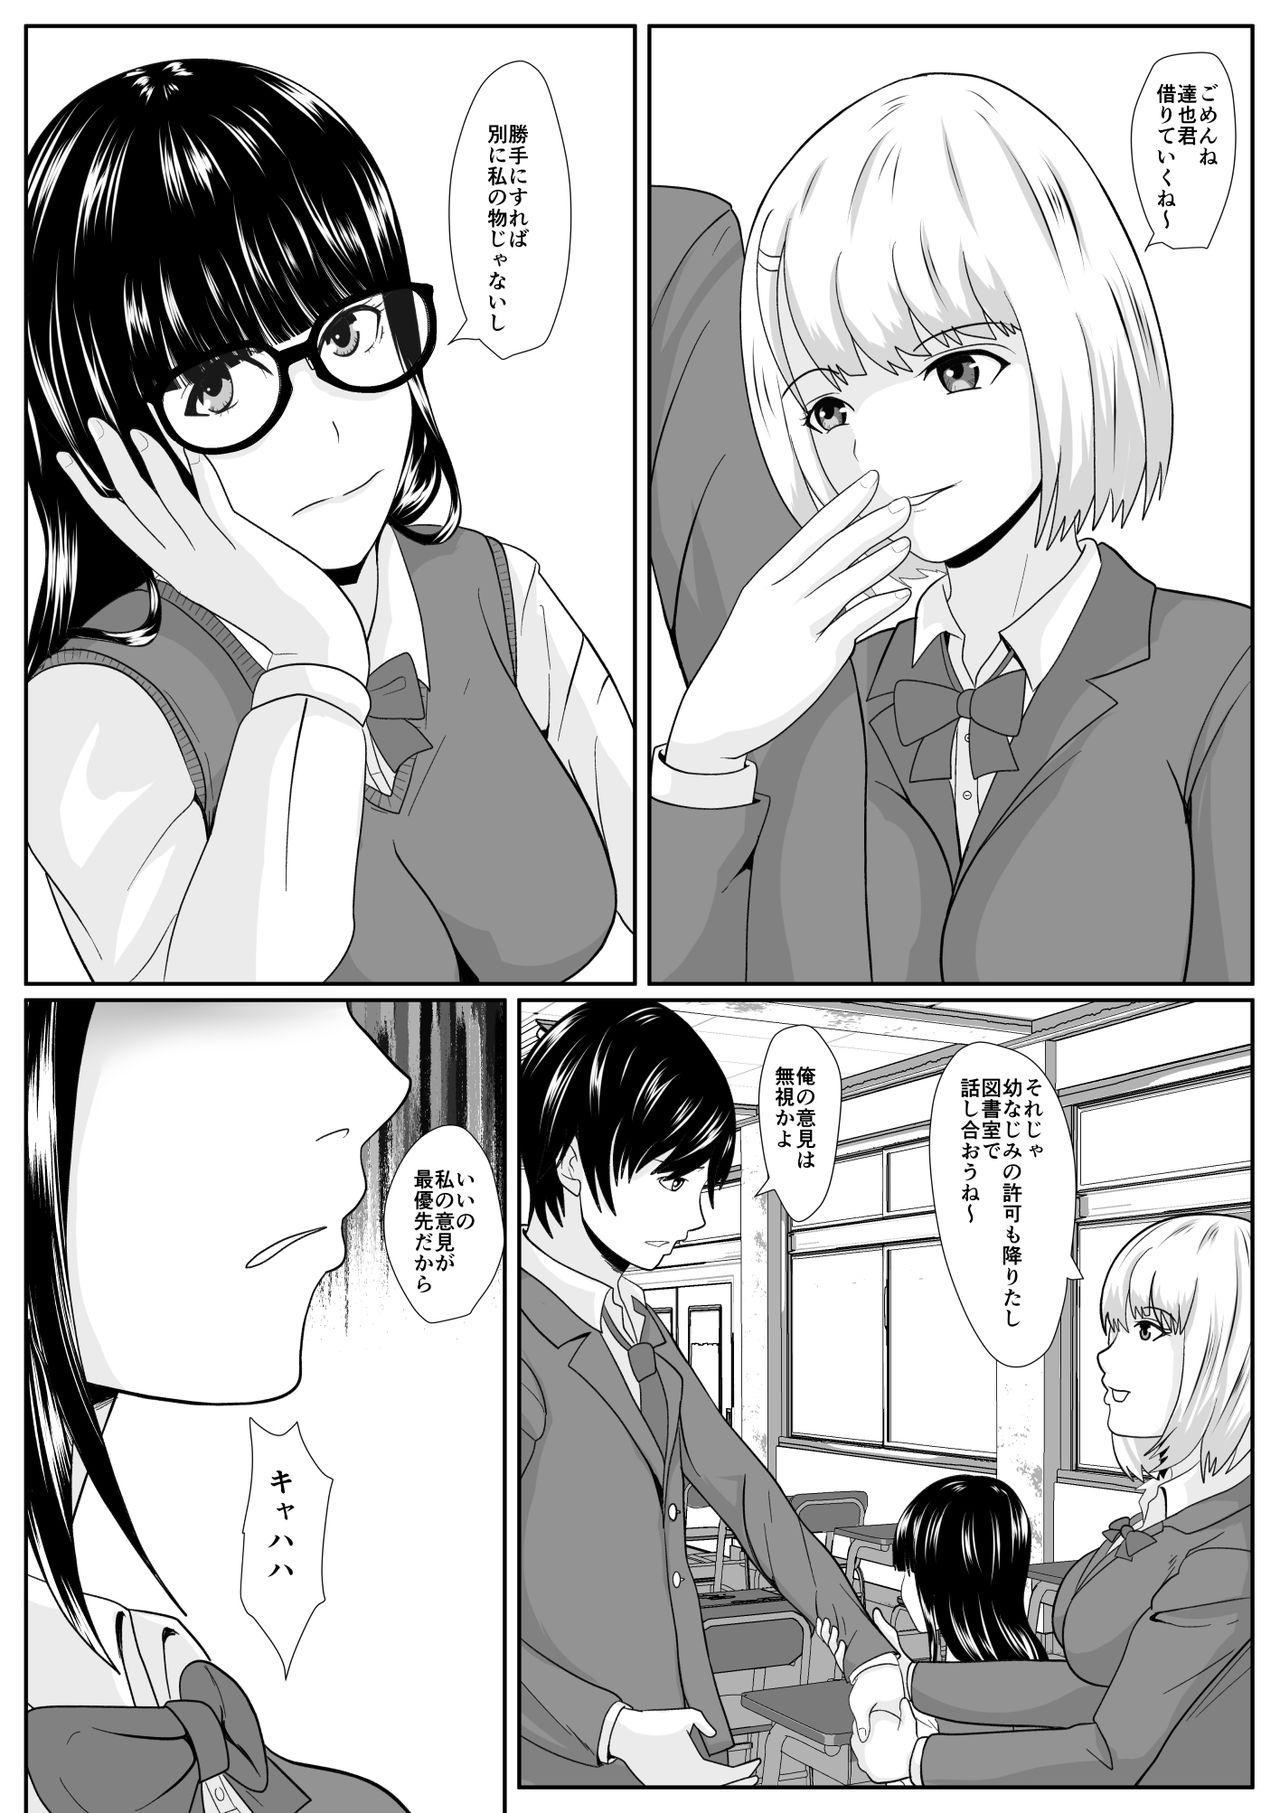 Sakasama 5